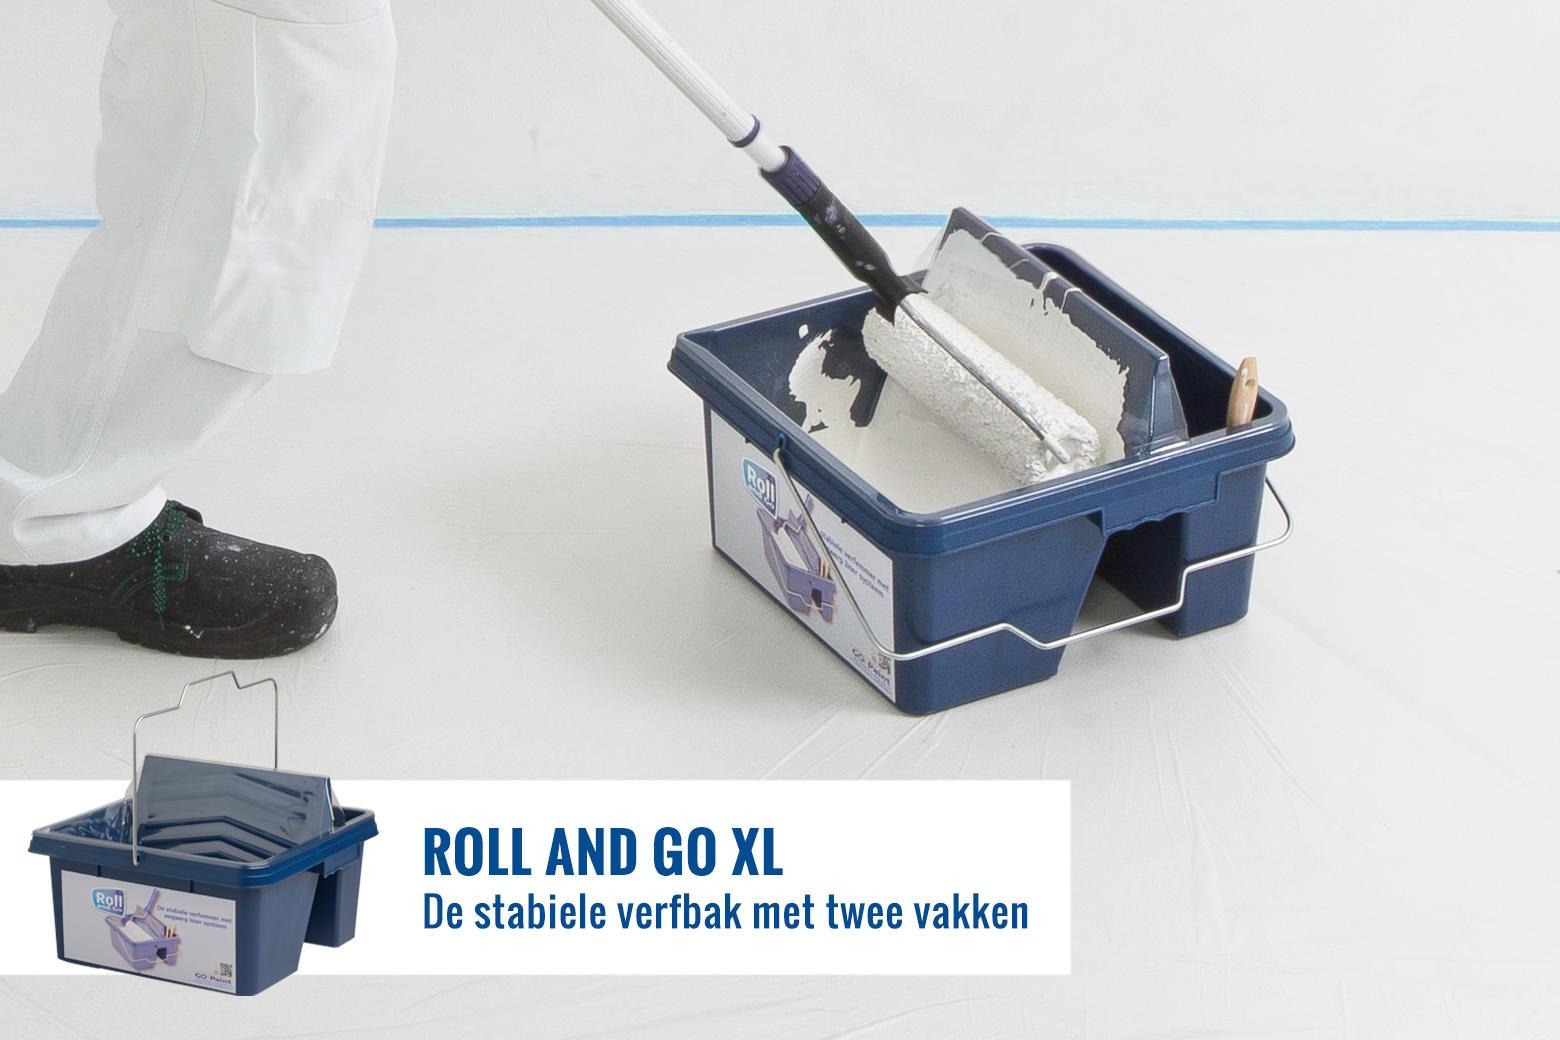 De Roll and Go XL is de stevigste verf rolbak die je kan kopen.